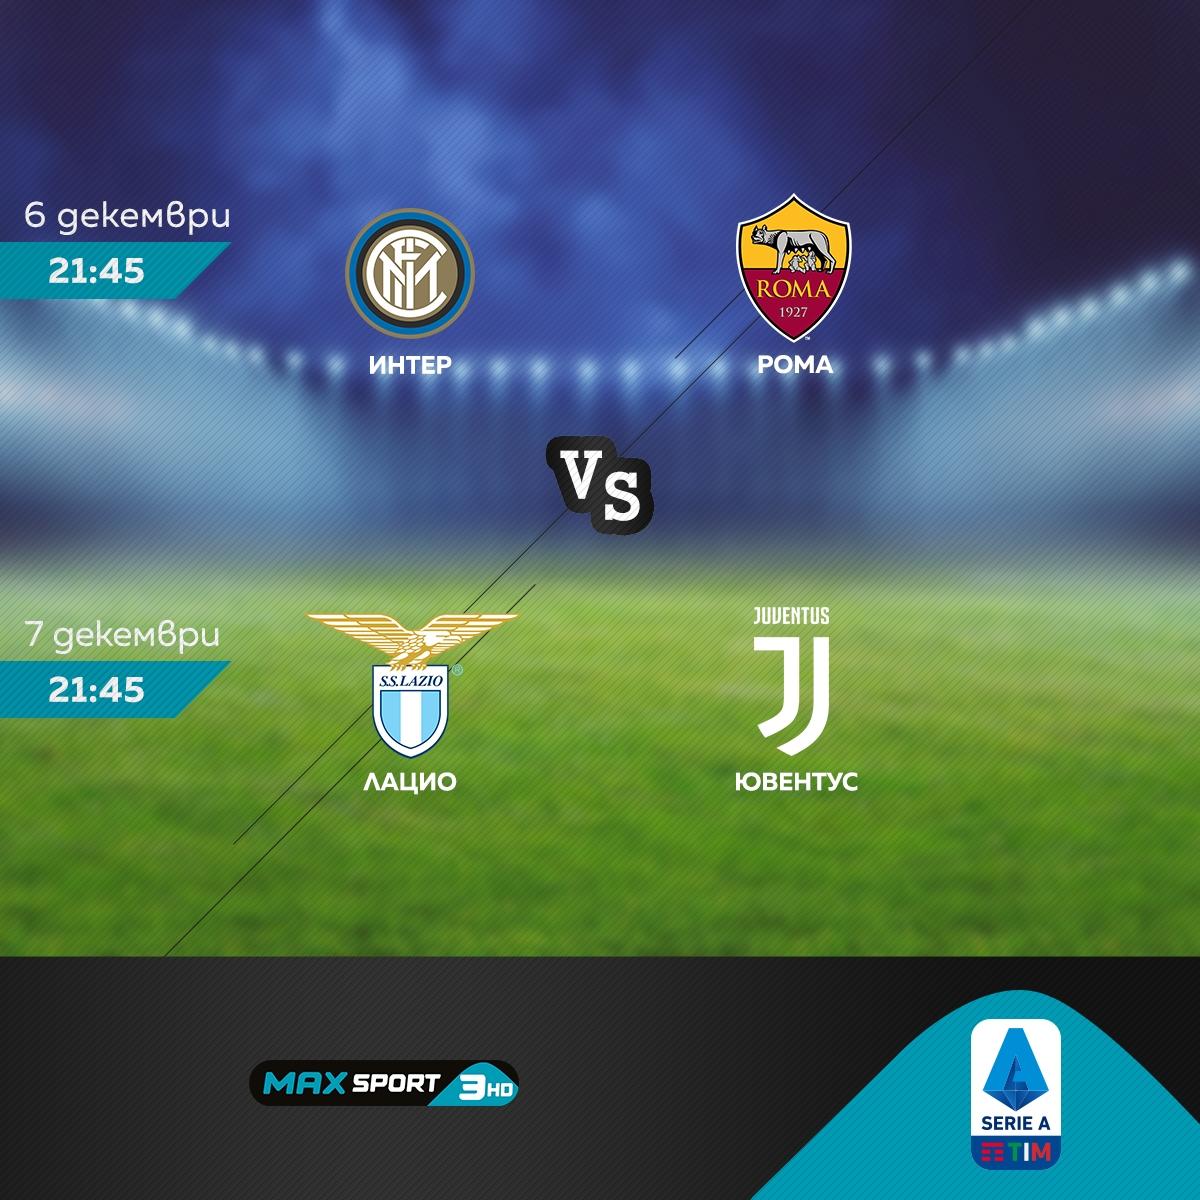 XV кръг на Серия А ще предложи на феновете два